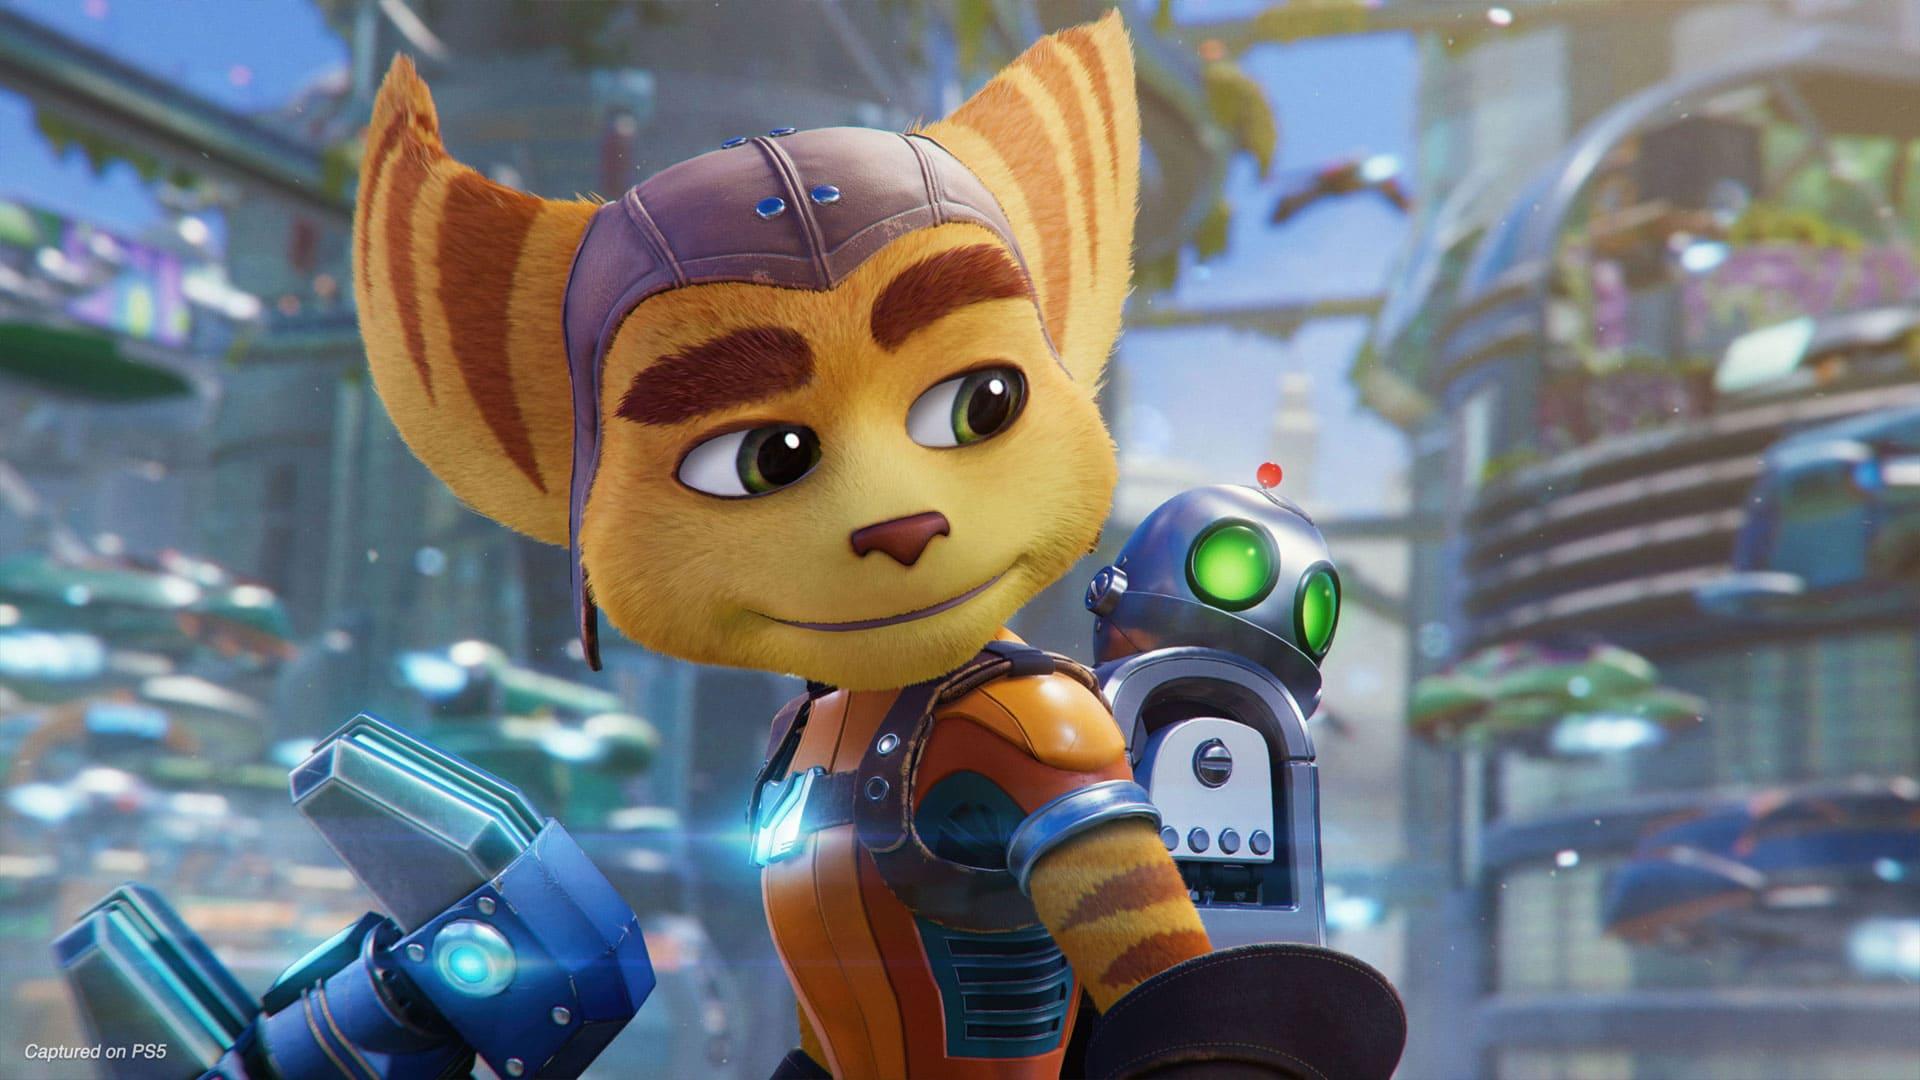 Imagem do jogo Ratchet & Clank: Em Uma Outra Dimensão com foco em Ratchet, um animal antropomorfizado, e o pequeno robô Clank em suas costas. Ao fundo uma cidade com carros flutuantes